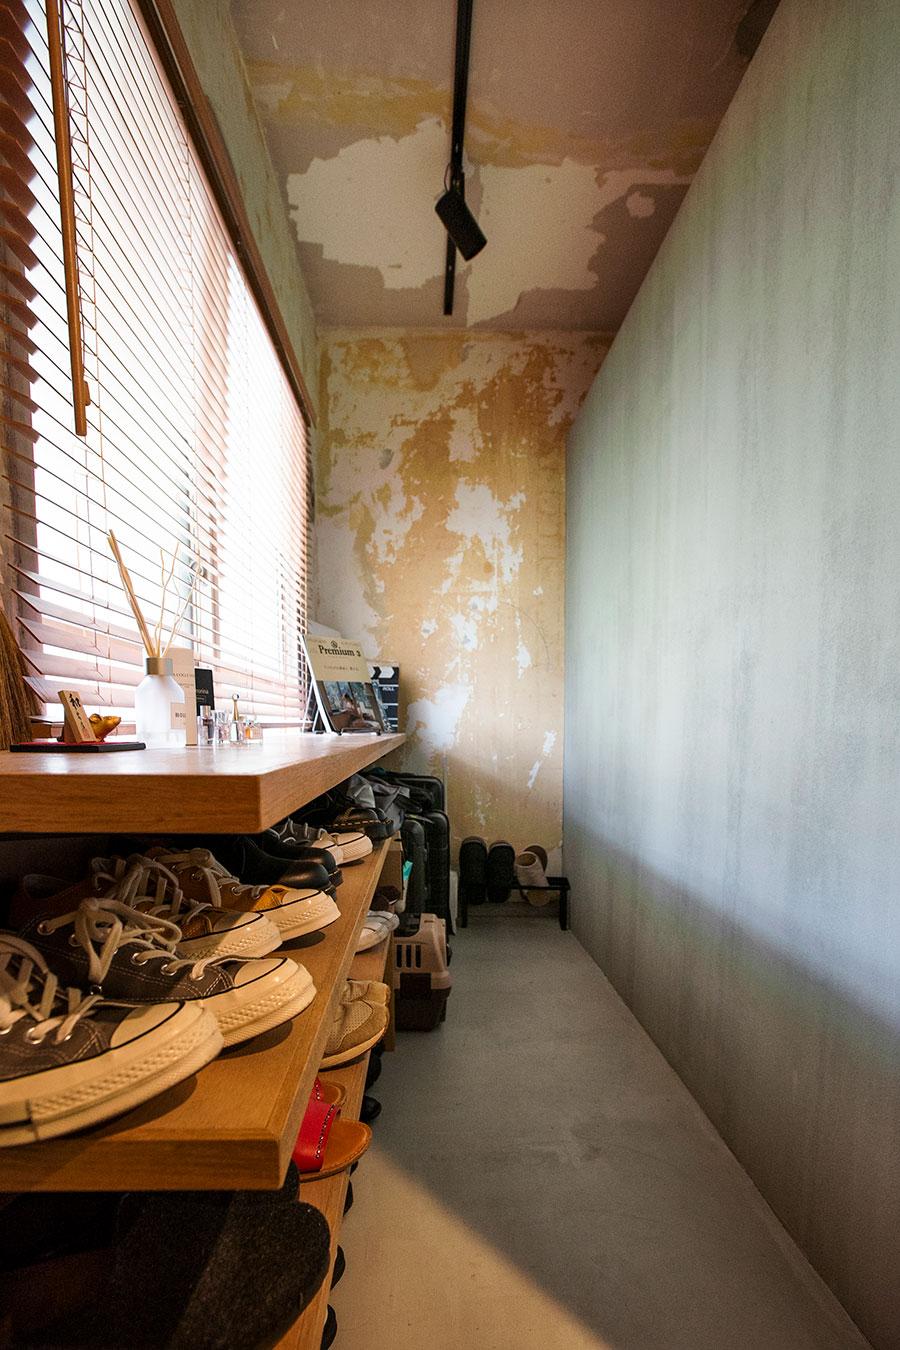 あえて広い空間を確保した土間兼シューズクローゼット。隣のWICとの仕切り壁の上が空いているので通気性もいい。